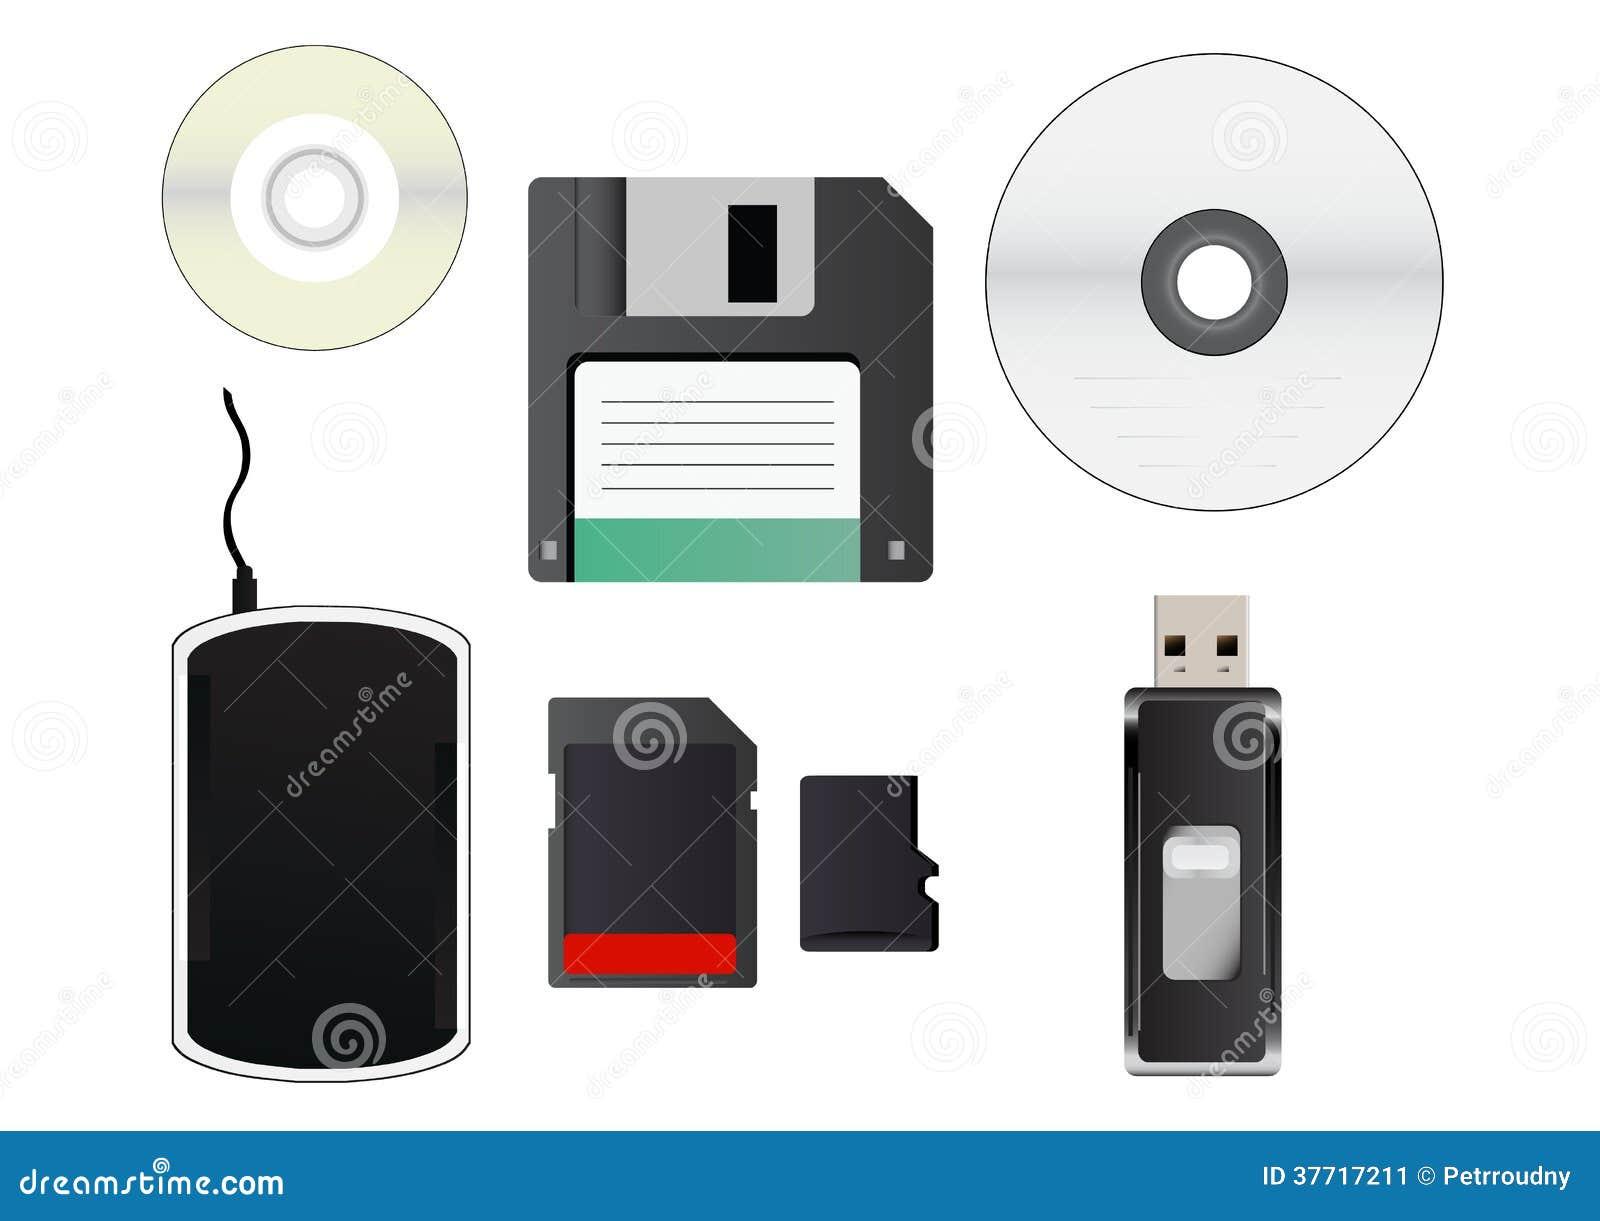 Vektor cliparts von Speichermedien. im Satz ist CD, kleine CD